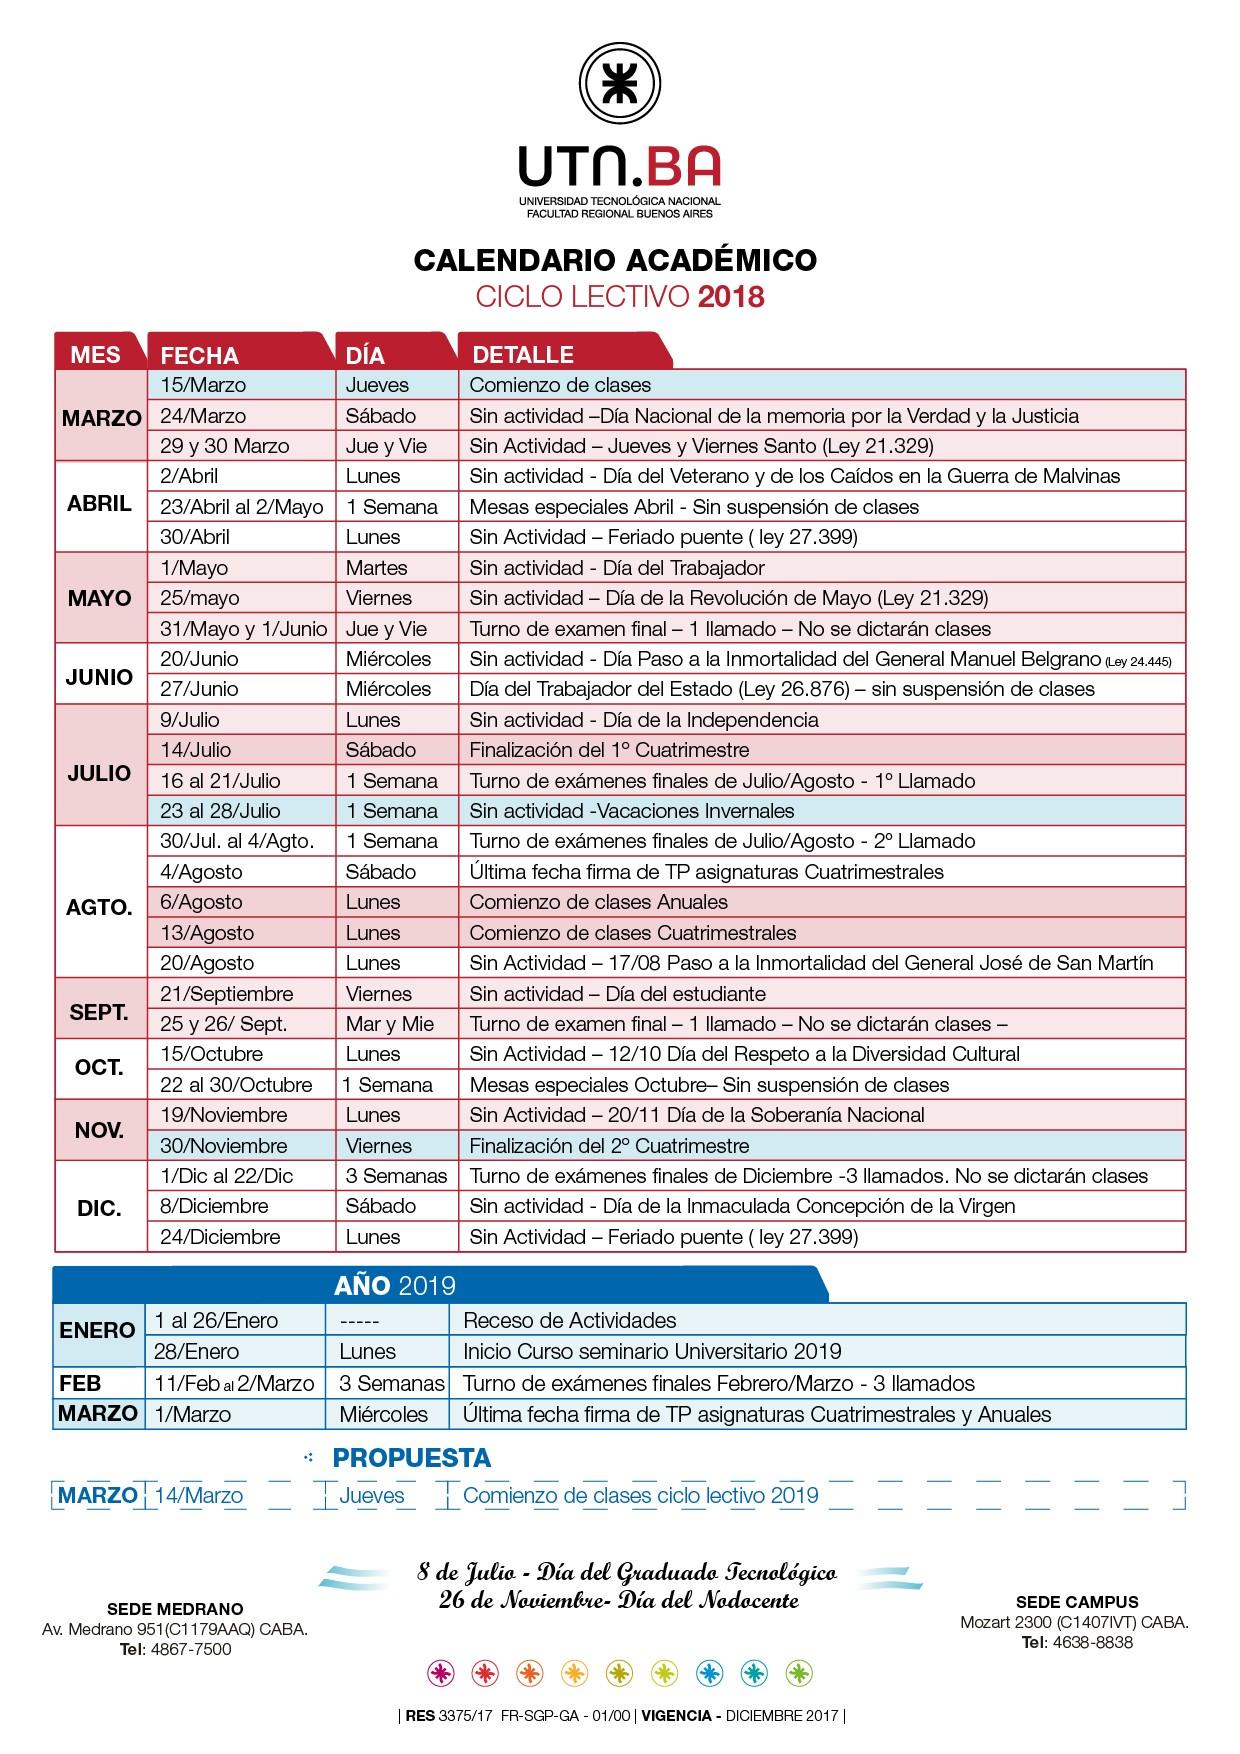 Inicio Calendario Escolar 2019 Actual Calendario Académico Utn Ba Of Inicio Calendario Escolar 2019 Más Recientemente Liberado Calendario Escolar 2018 2019 Colegio San Rafael Arcángel Santa